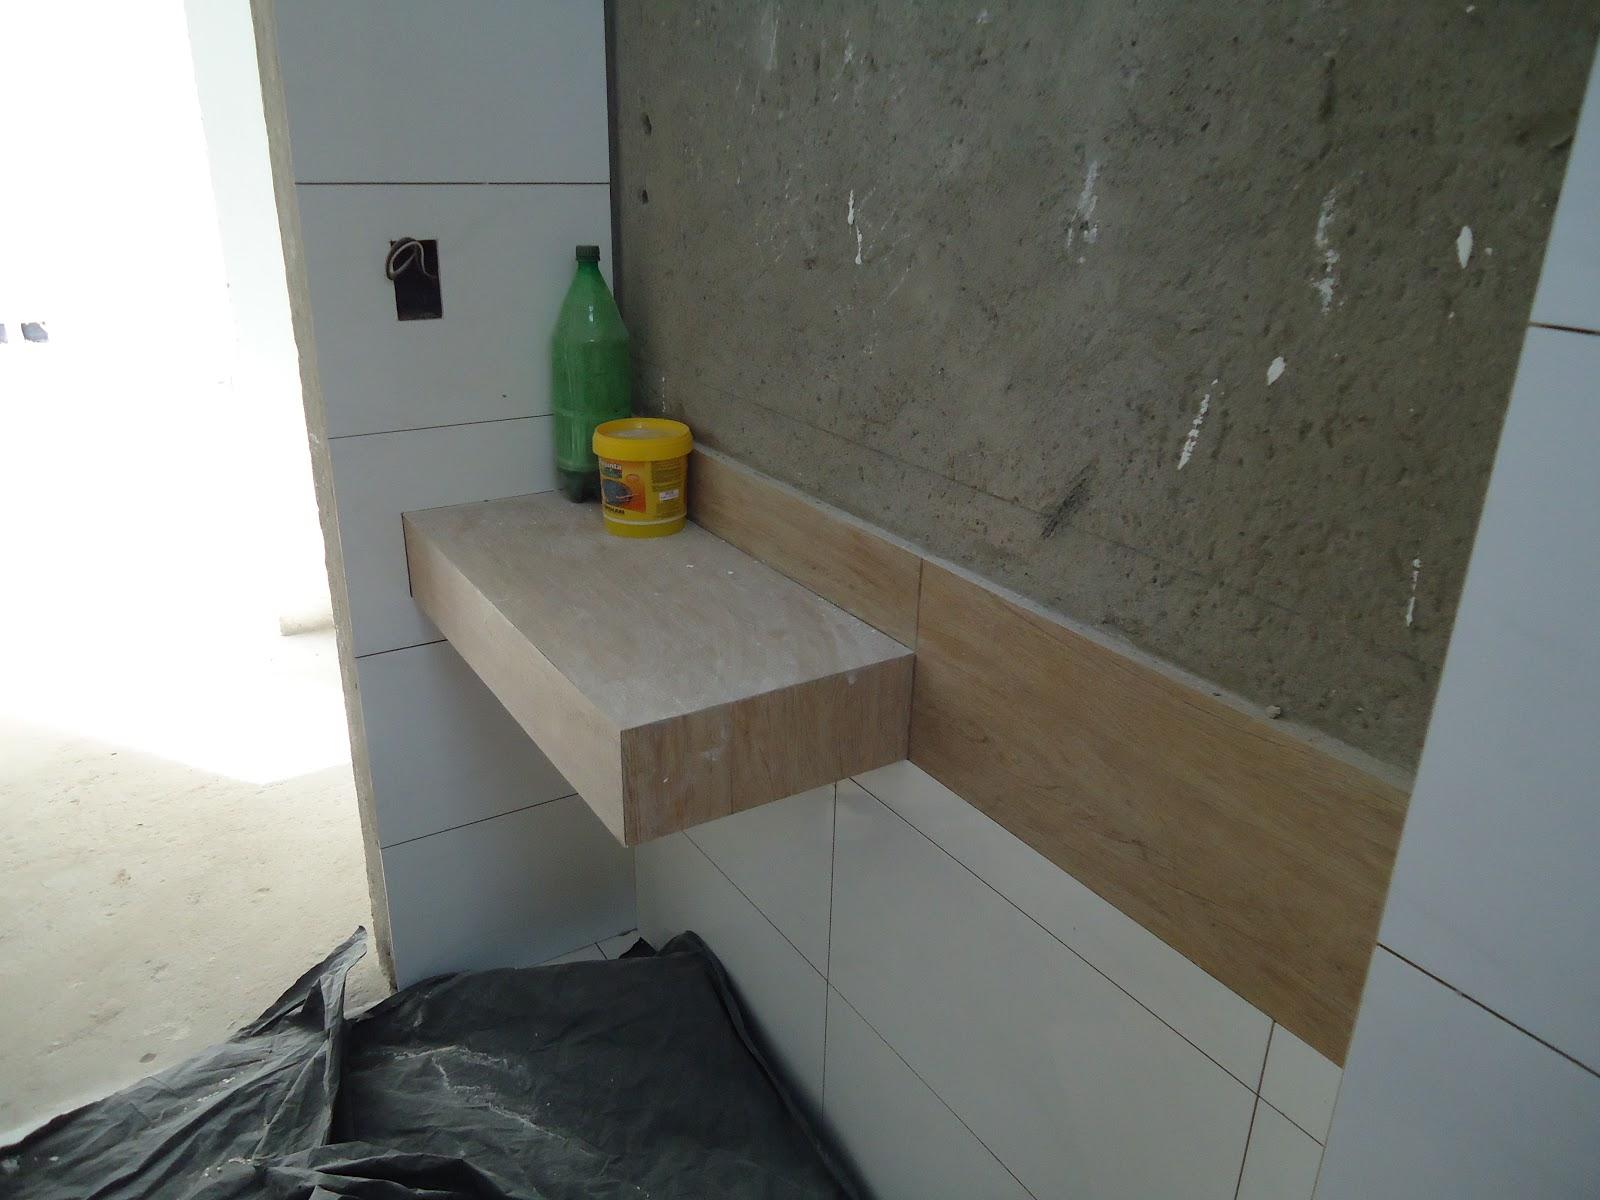 Bancada em porcelanato de madeira o mesmo da parede  #5C4F3B 1600x1200 Banheiro Com Porcelanato Madeira